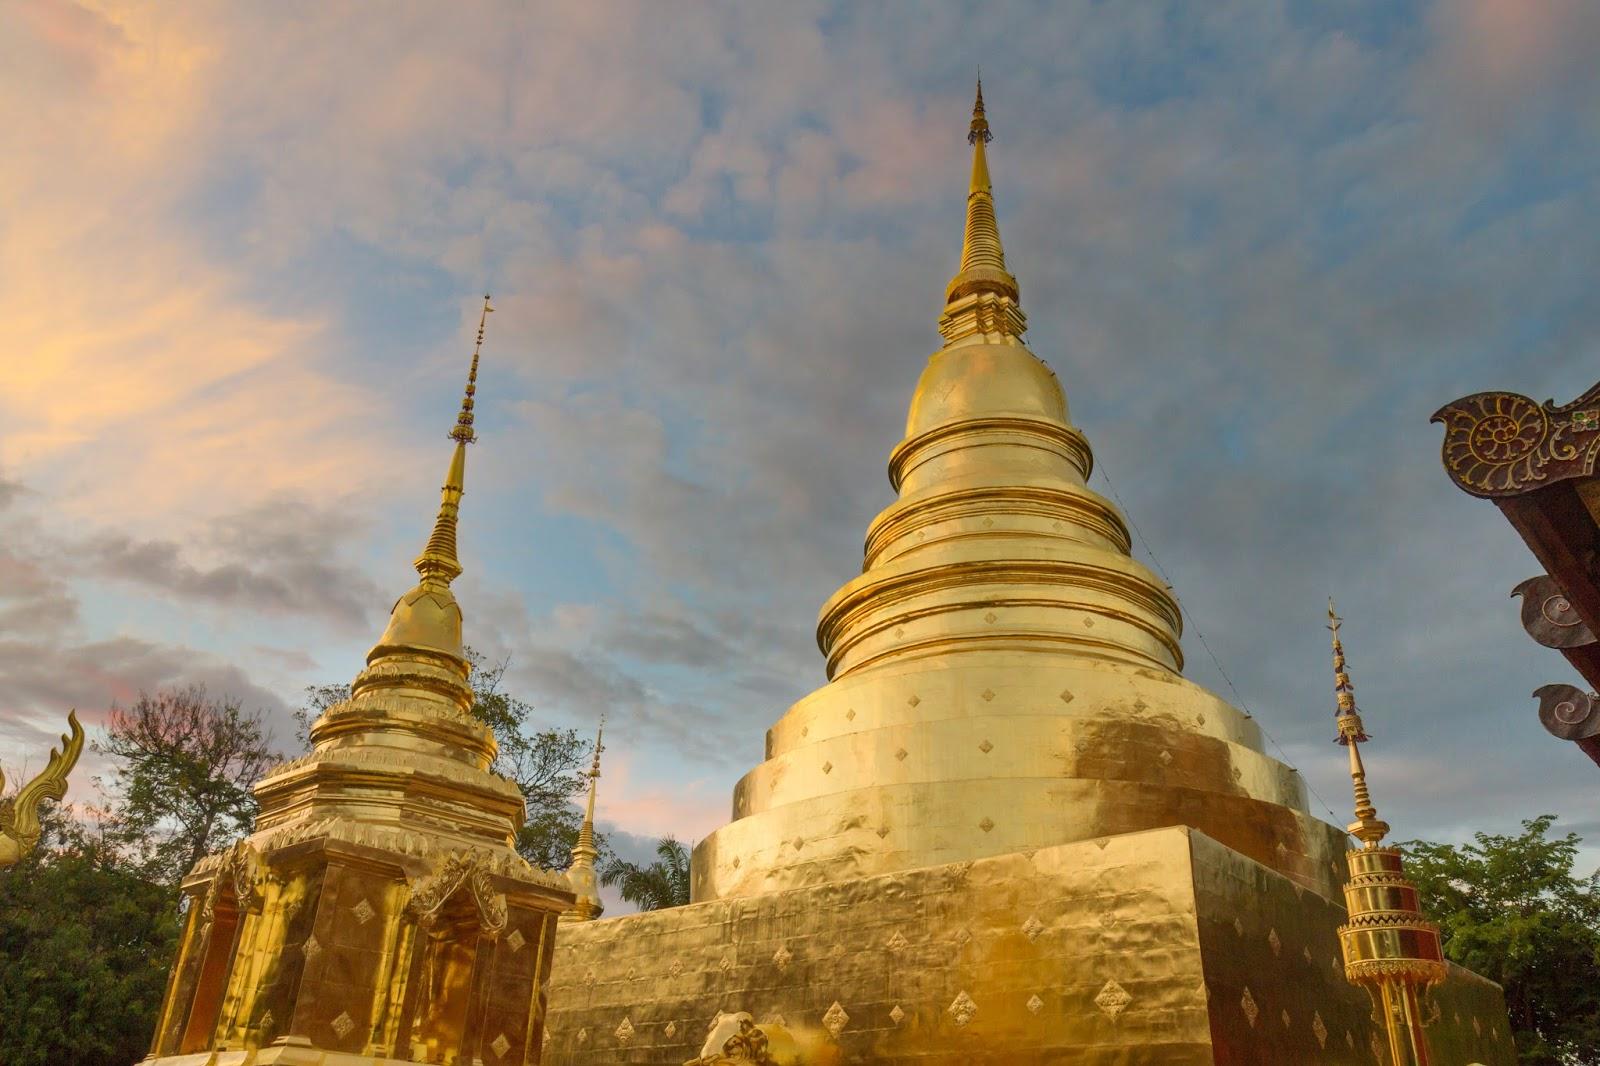 Wat Phra Singh Temple, Chiang Mai Thailand